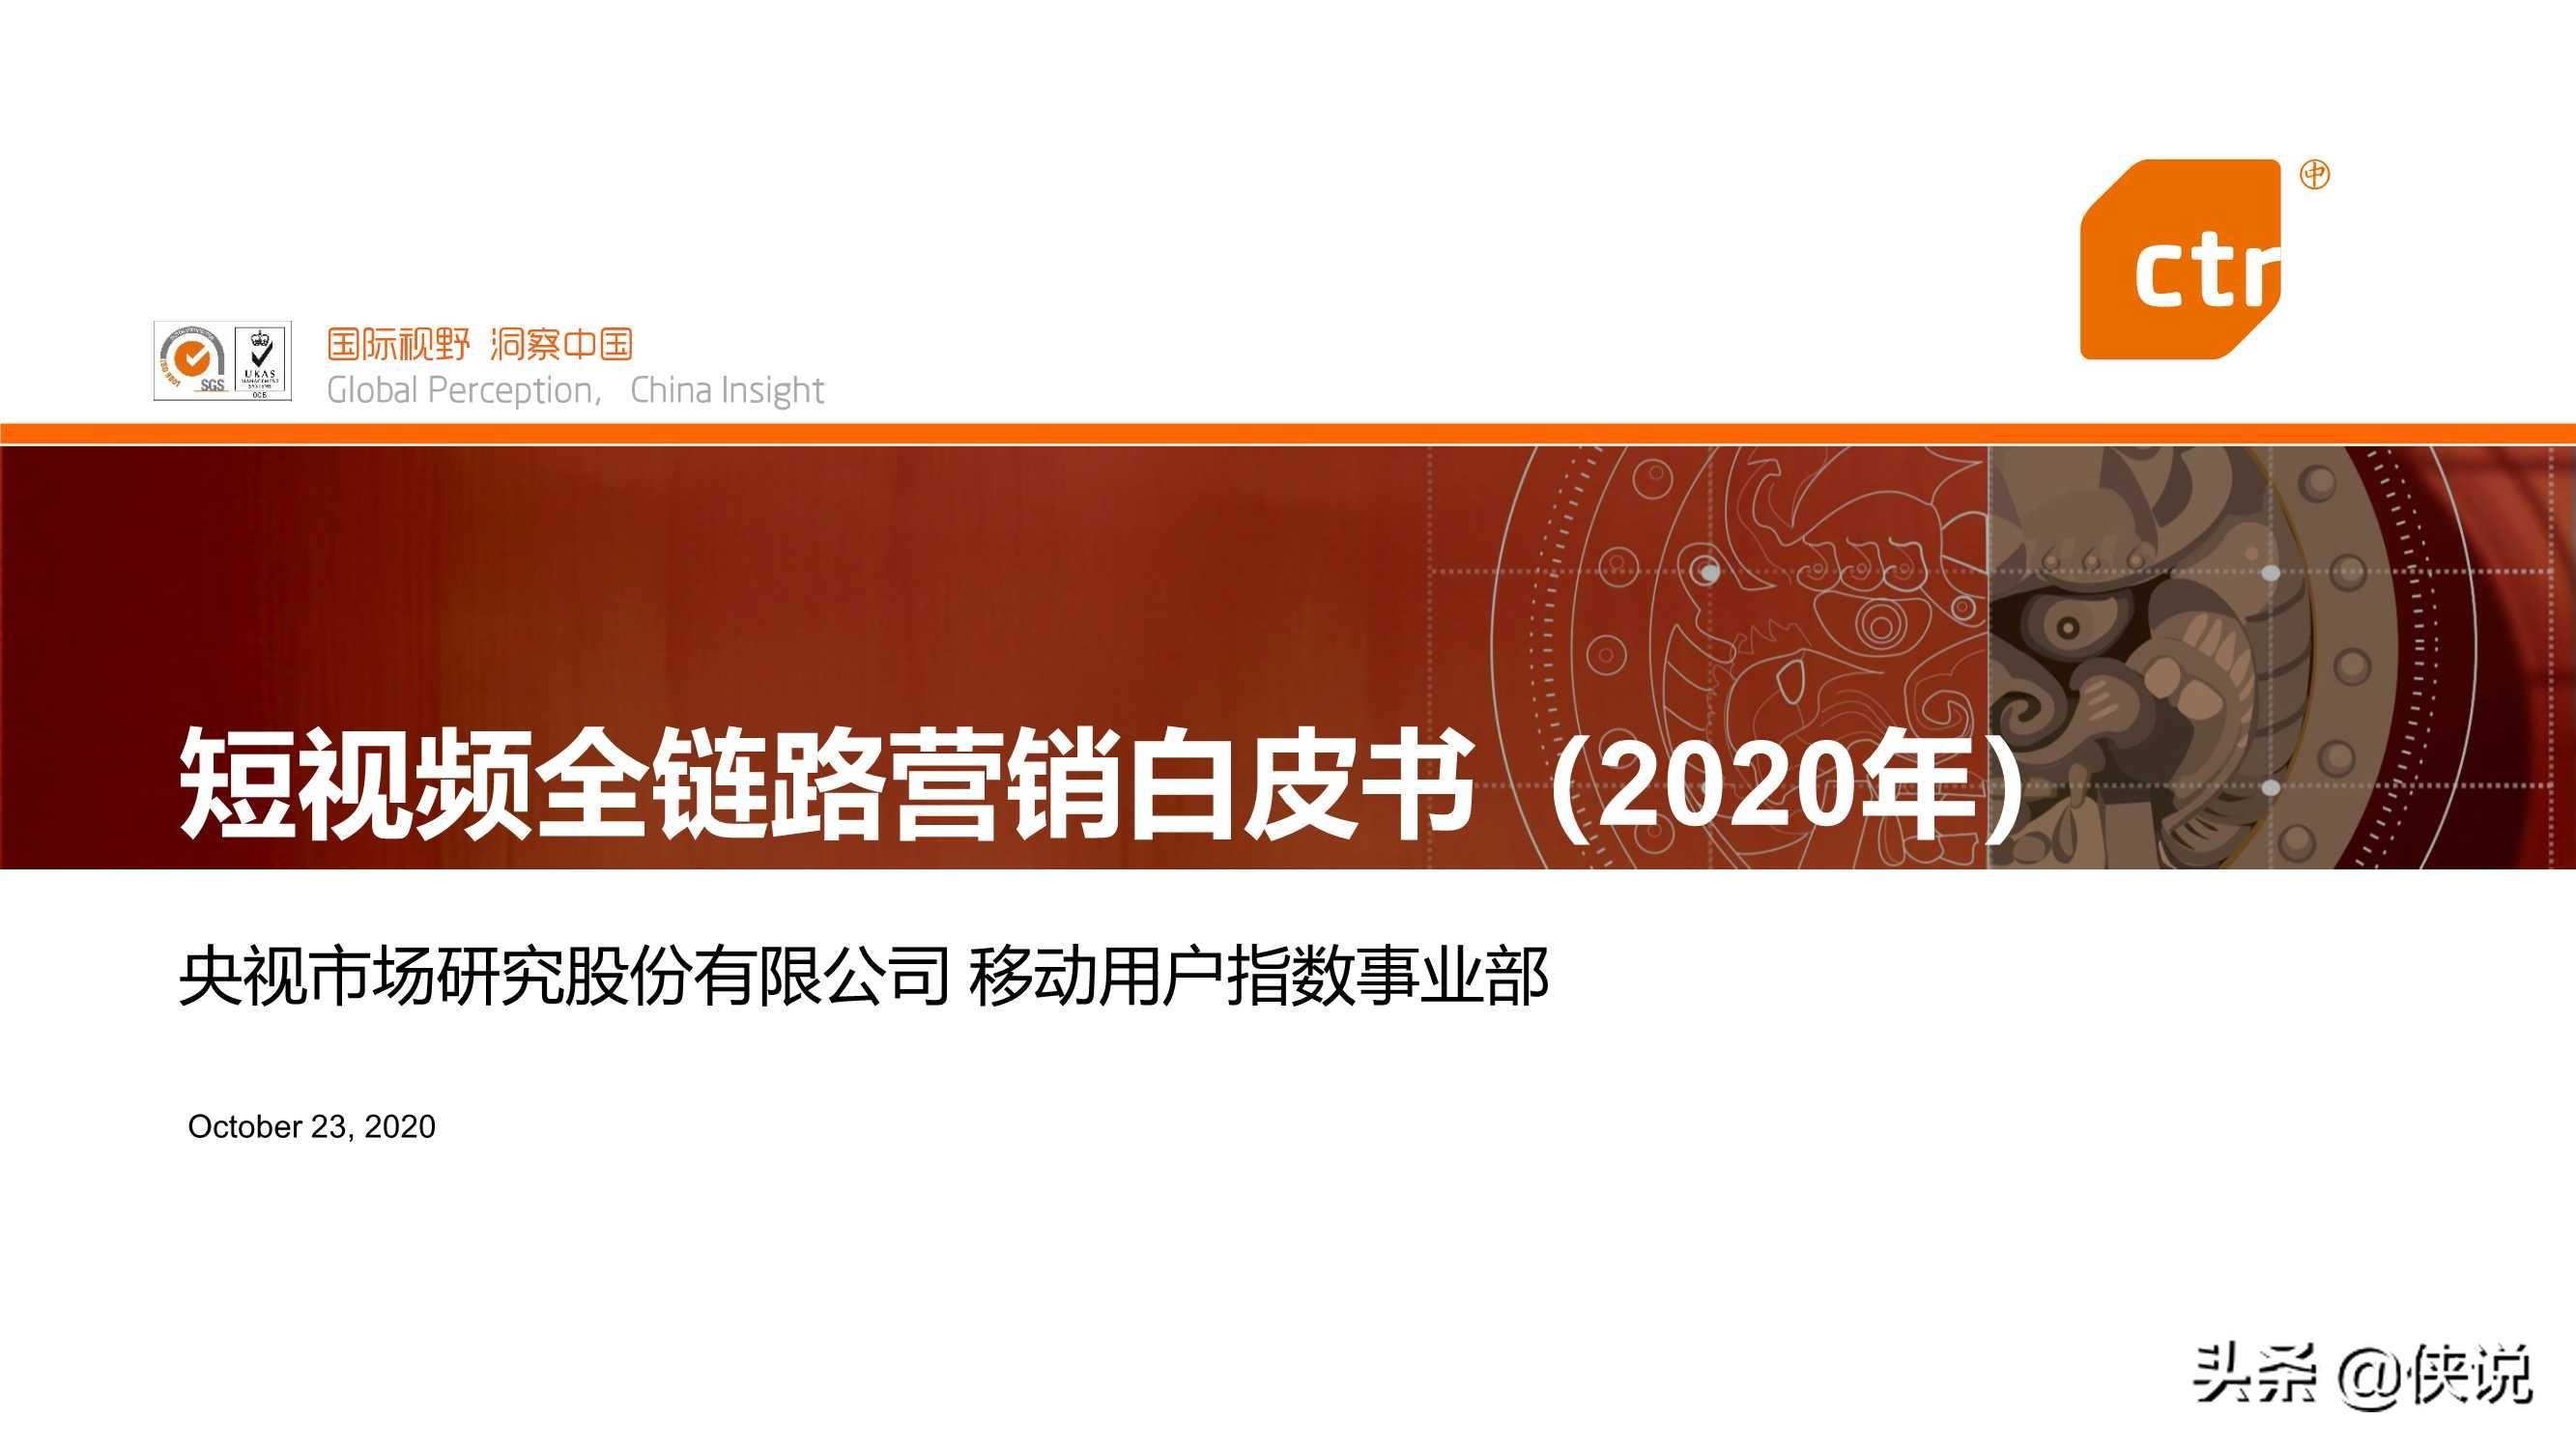 2020年短视频全链路营销白皮书(CTR)